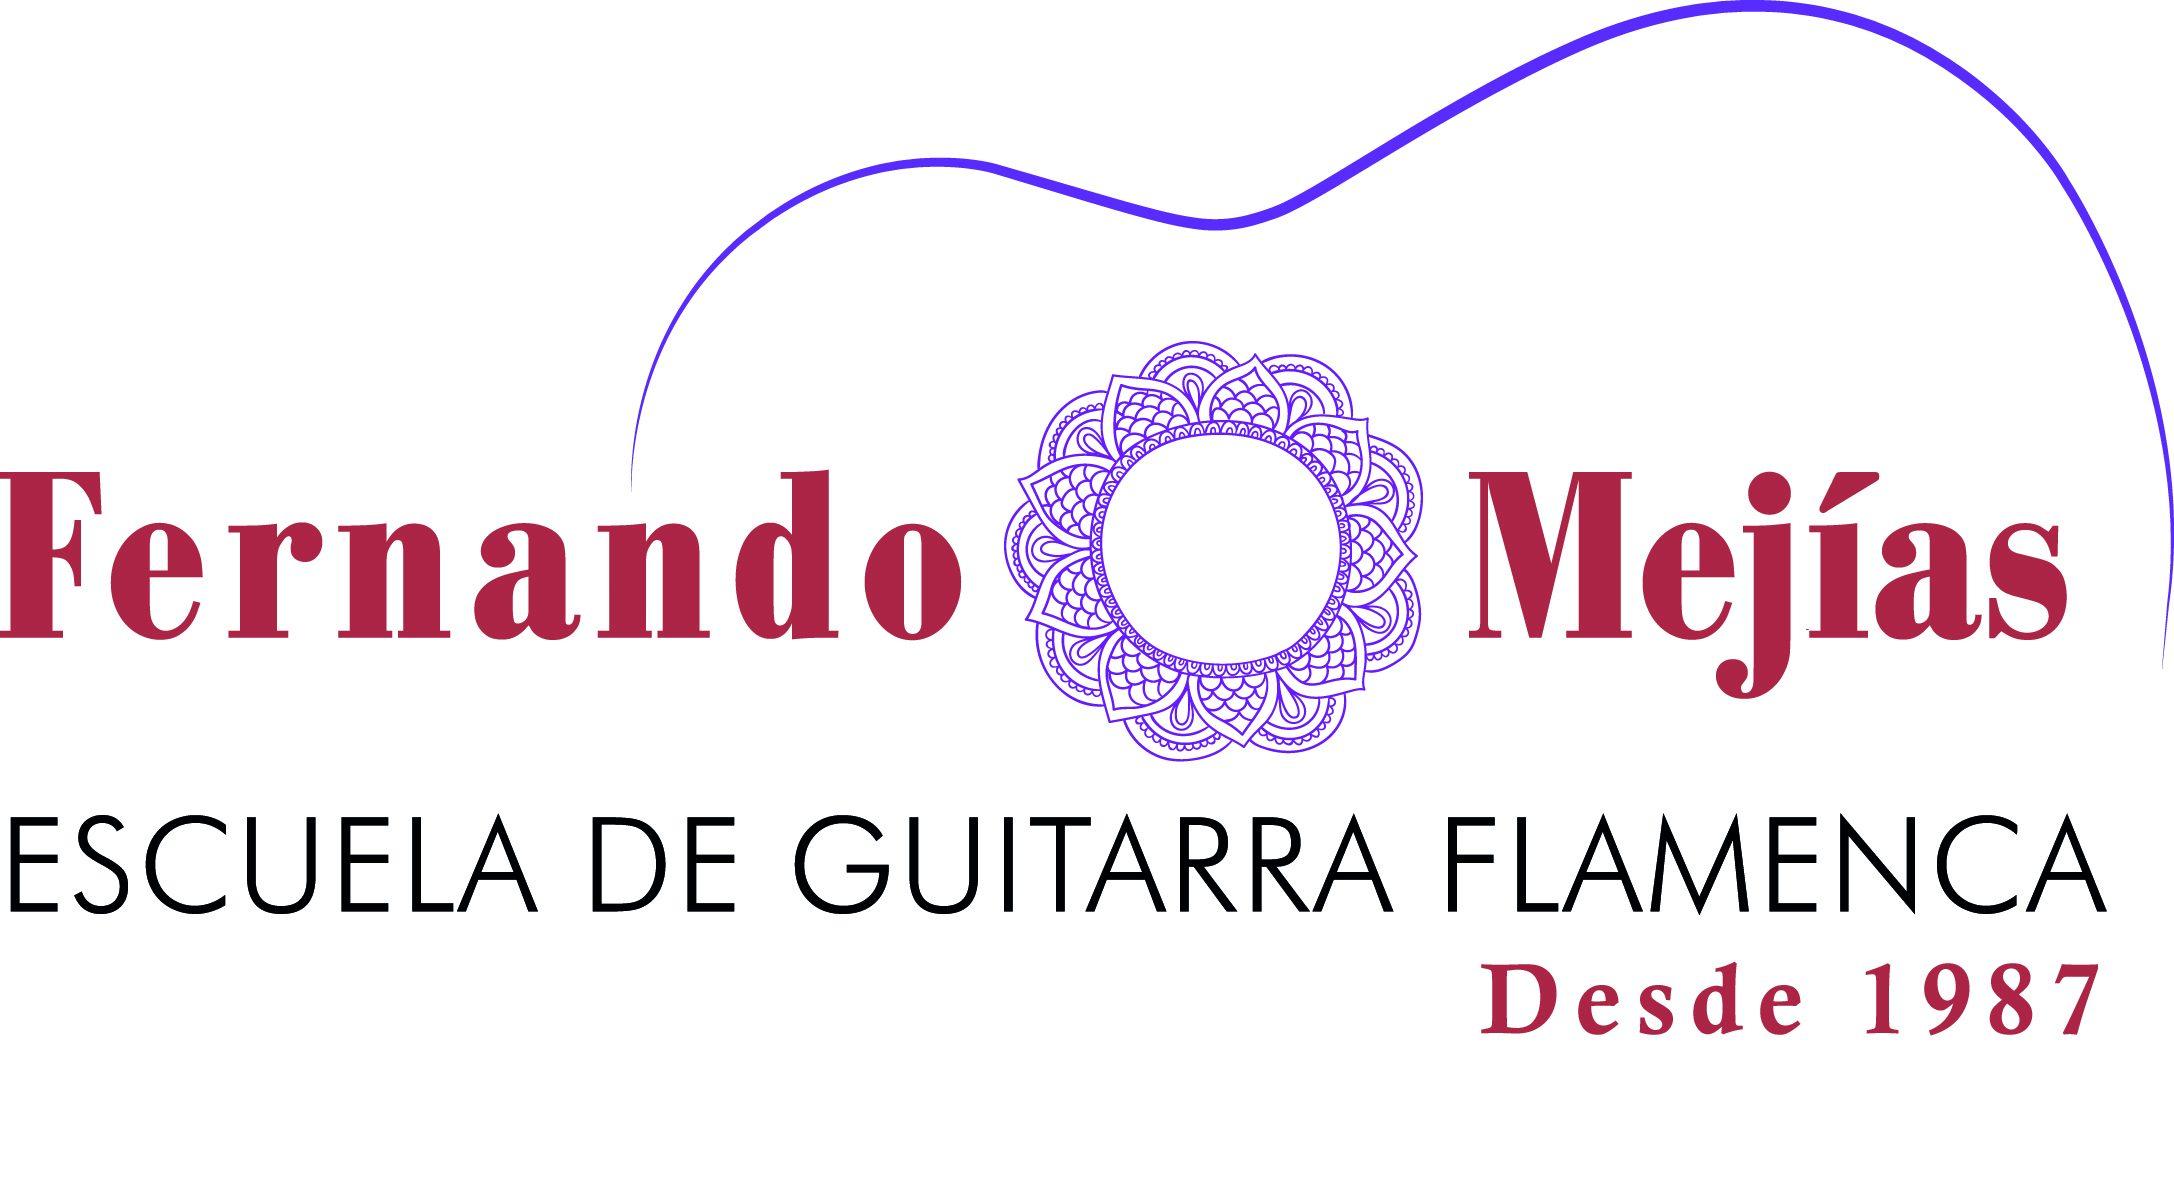 Escuela de Guitarra Flamenca FERNANDO MEJÍAS